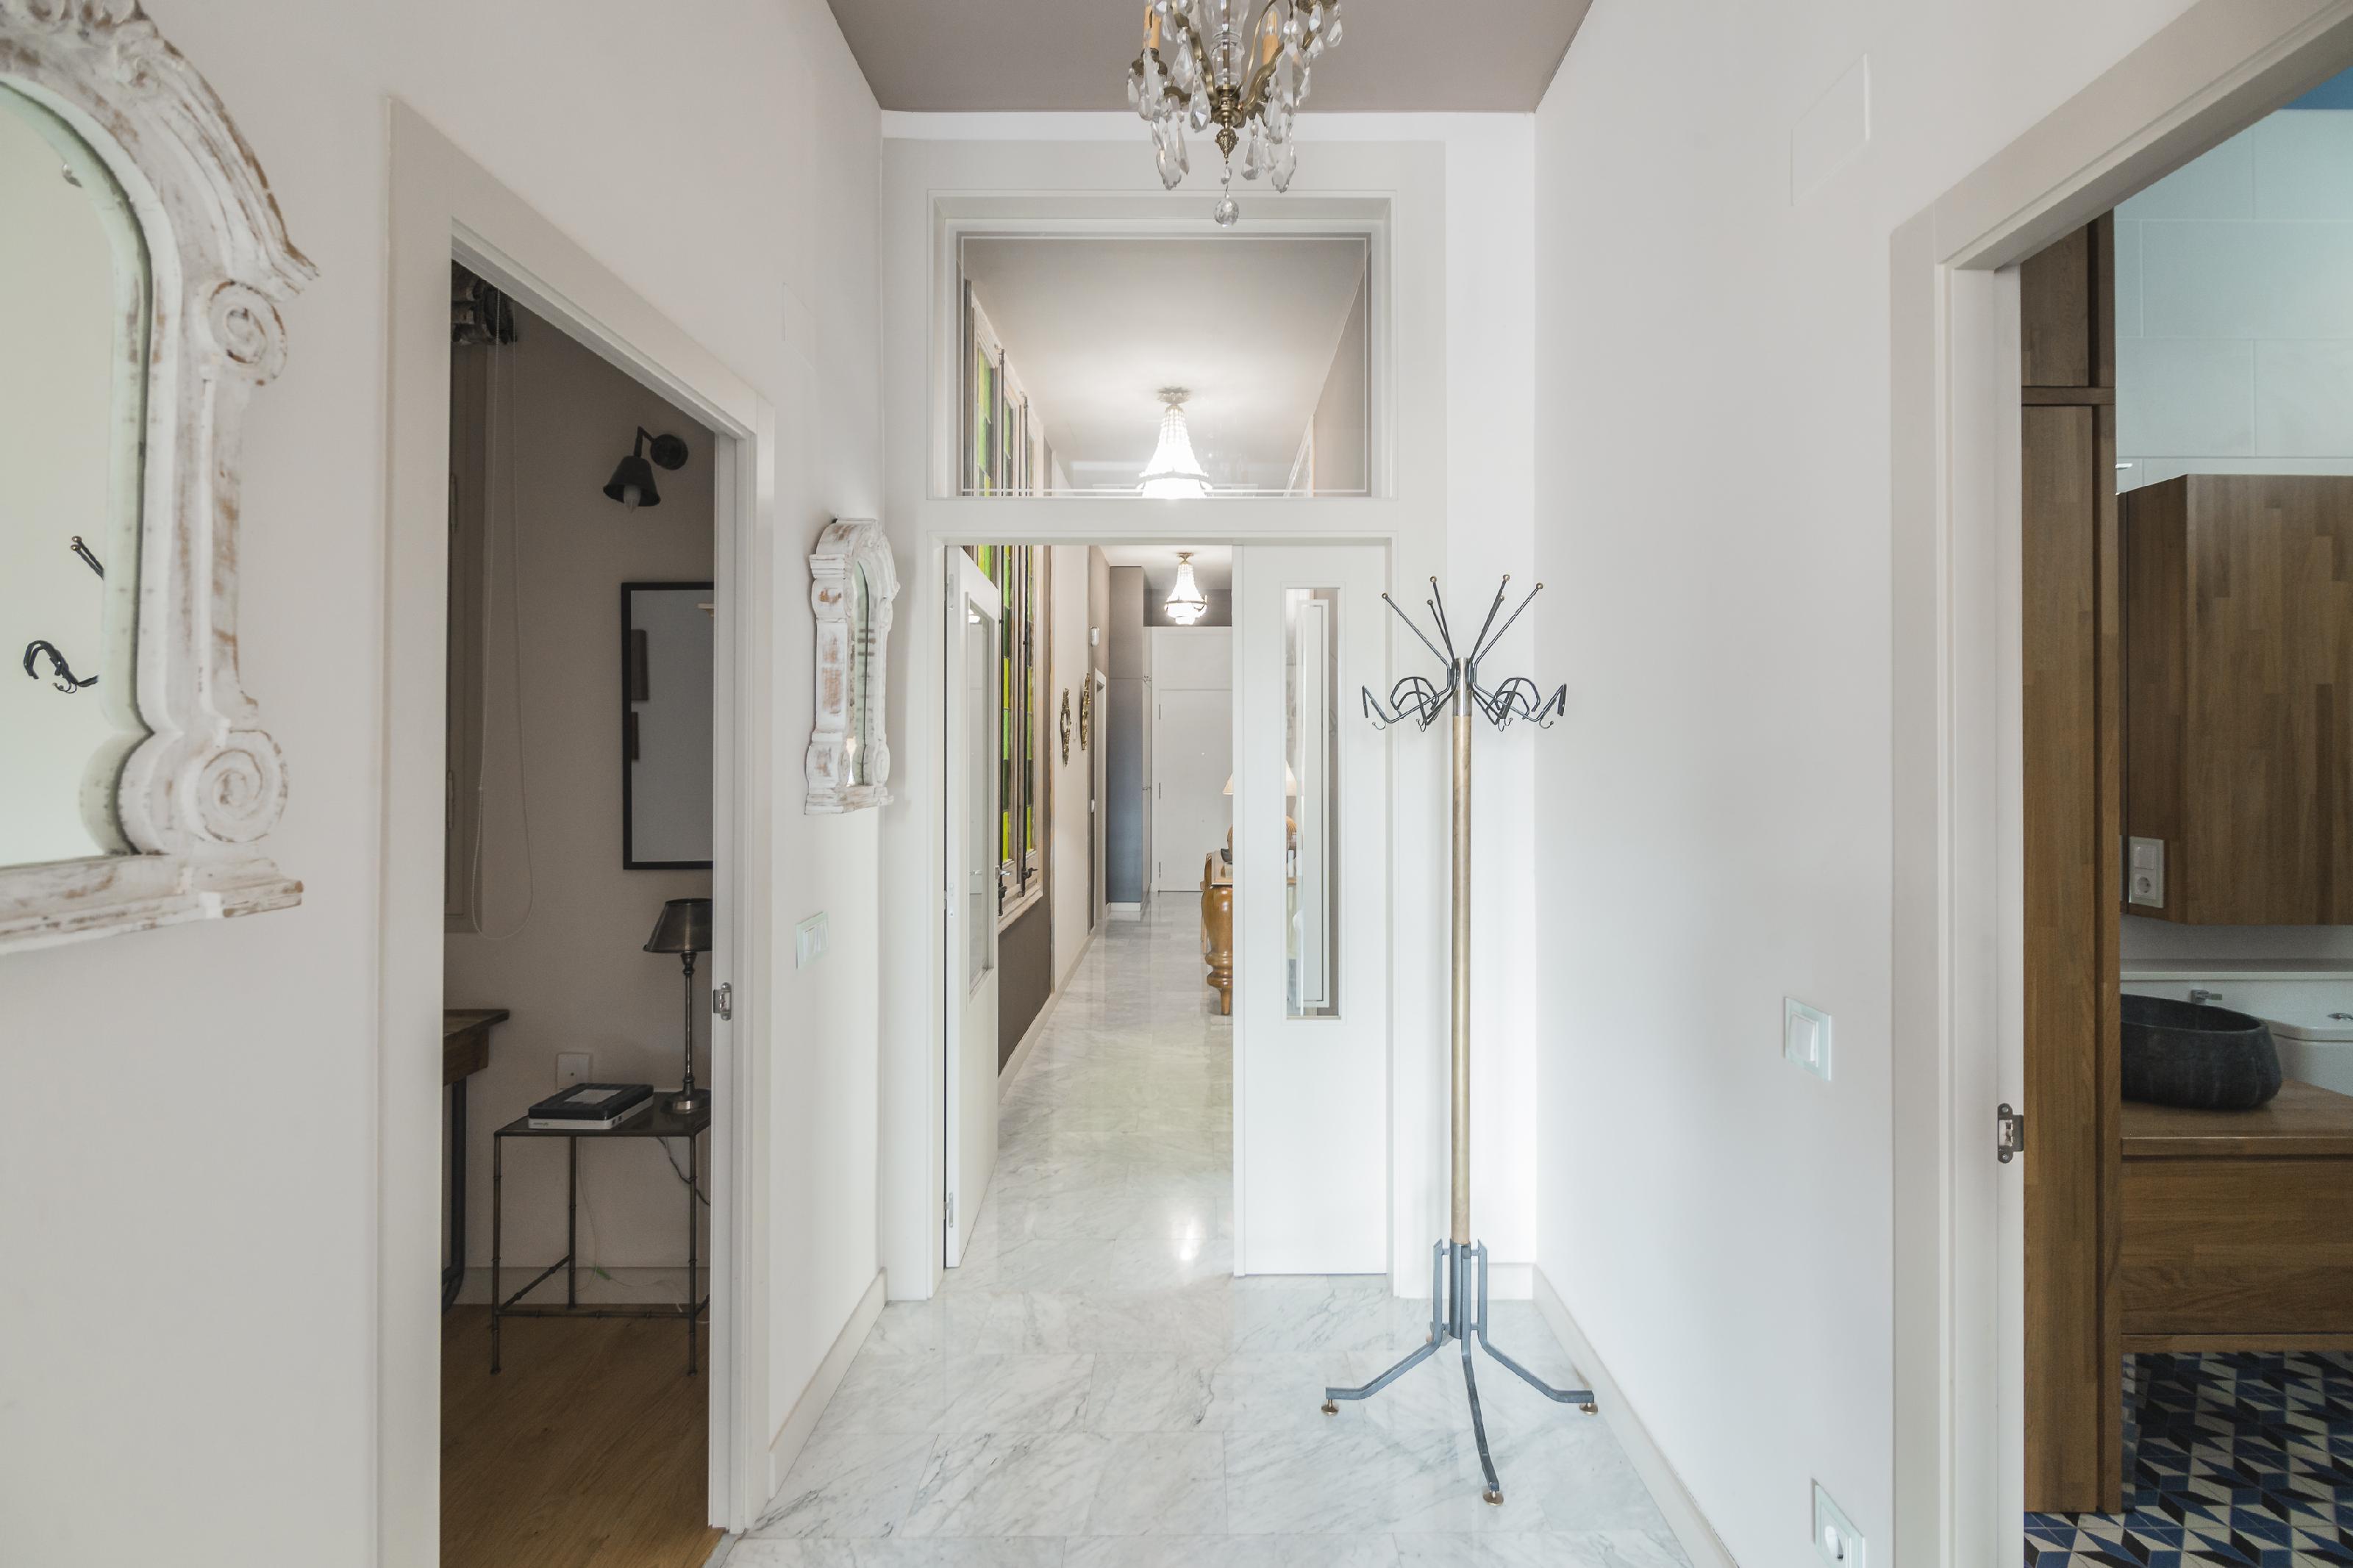 248206 Flat for sale in Gràcia, Vila de Gràcia 13